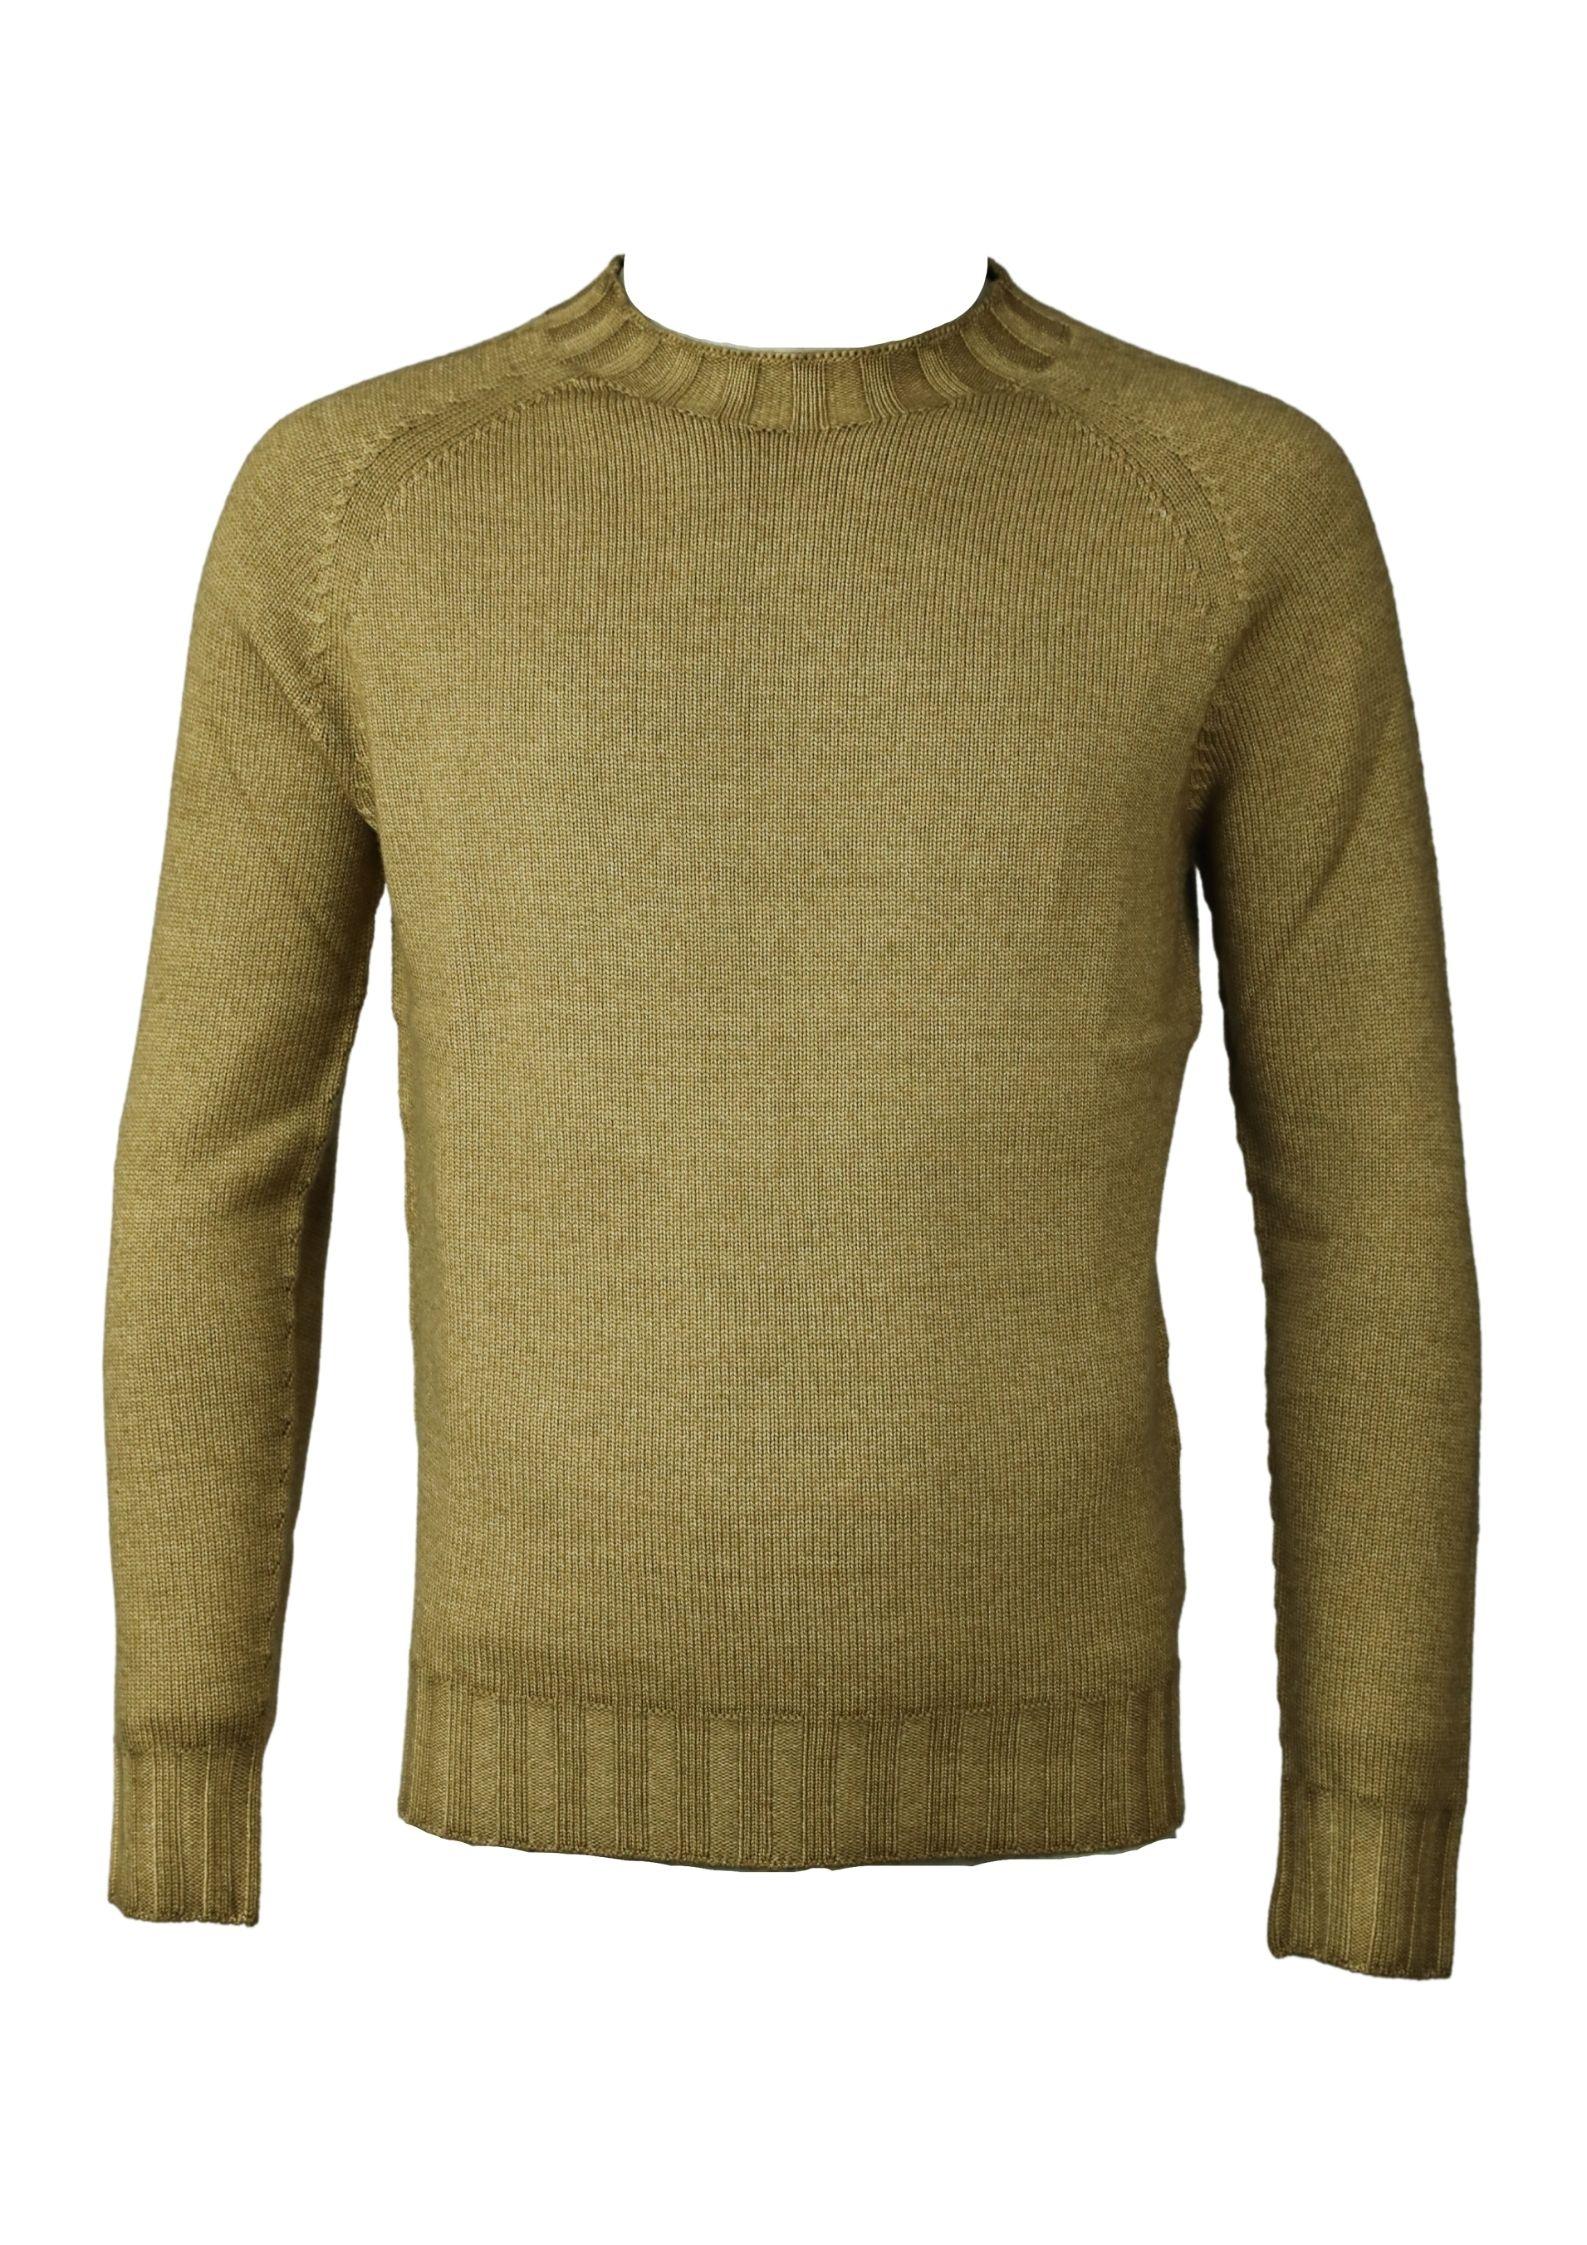 H953 | Knitwear | 334914